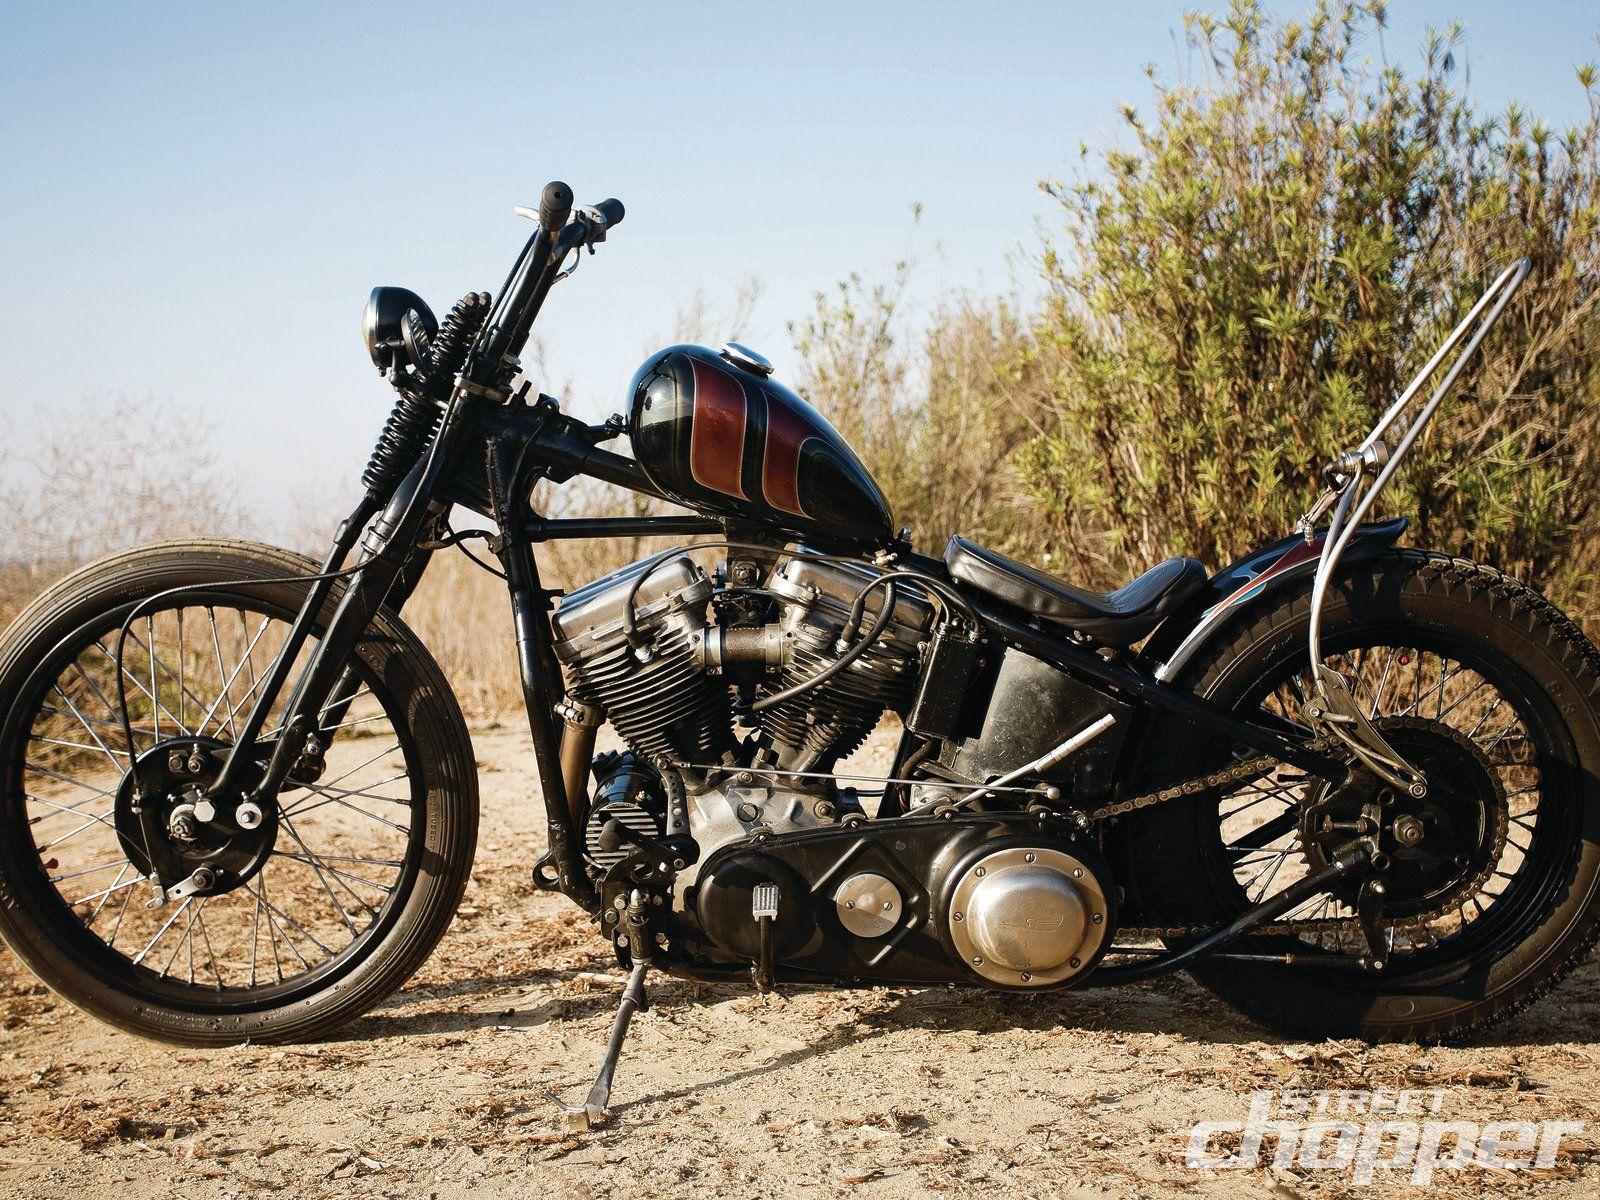 1950 Harley Davidson Panhead Chopper Bobber Motorcycle Harley Davidson Bikes Harley Davidson Panhead